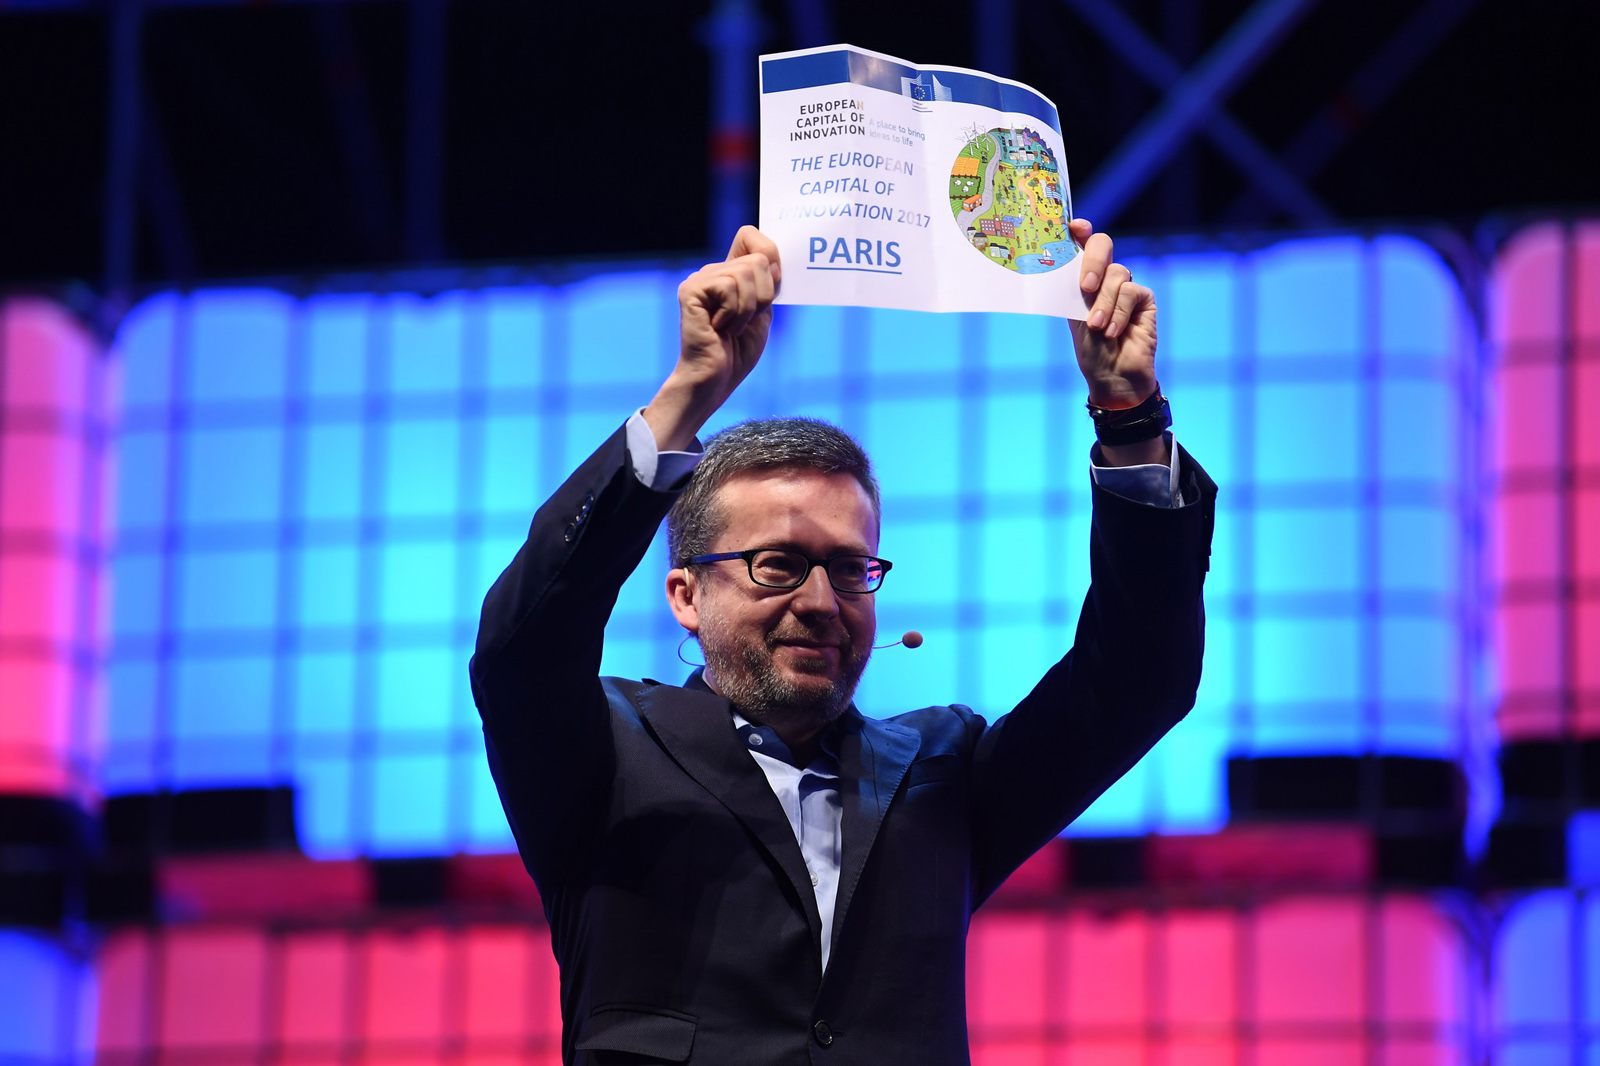 Carlos Moedas při vyhlašování vítězů